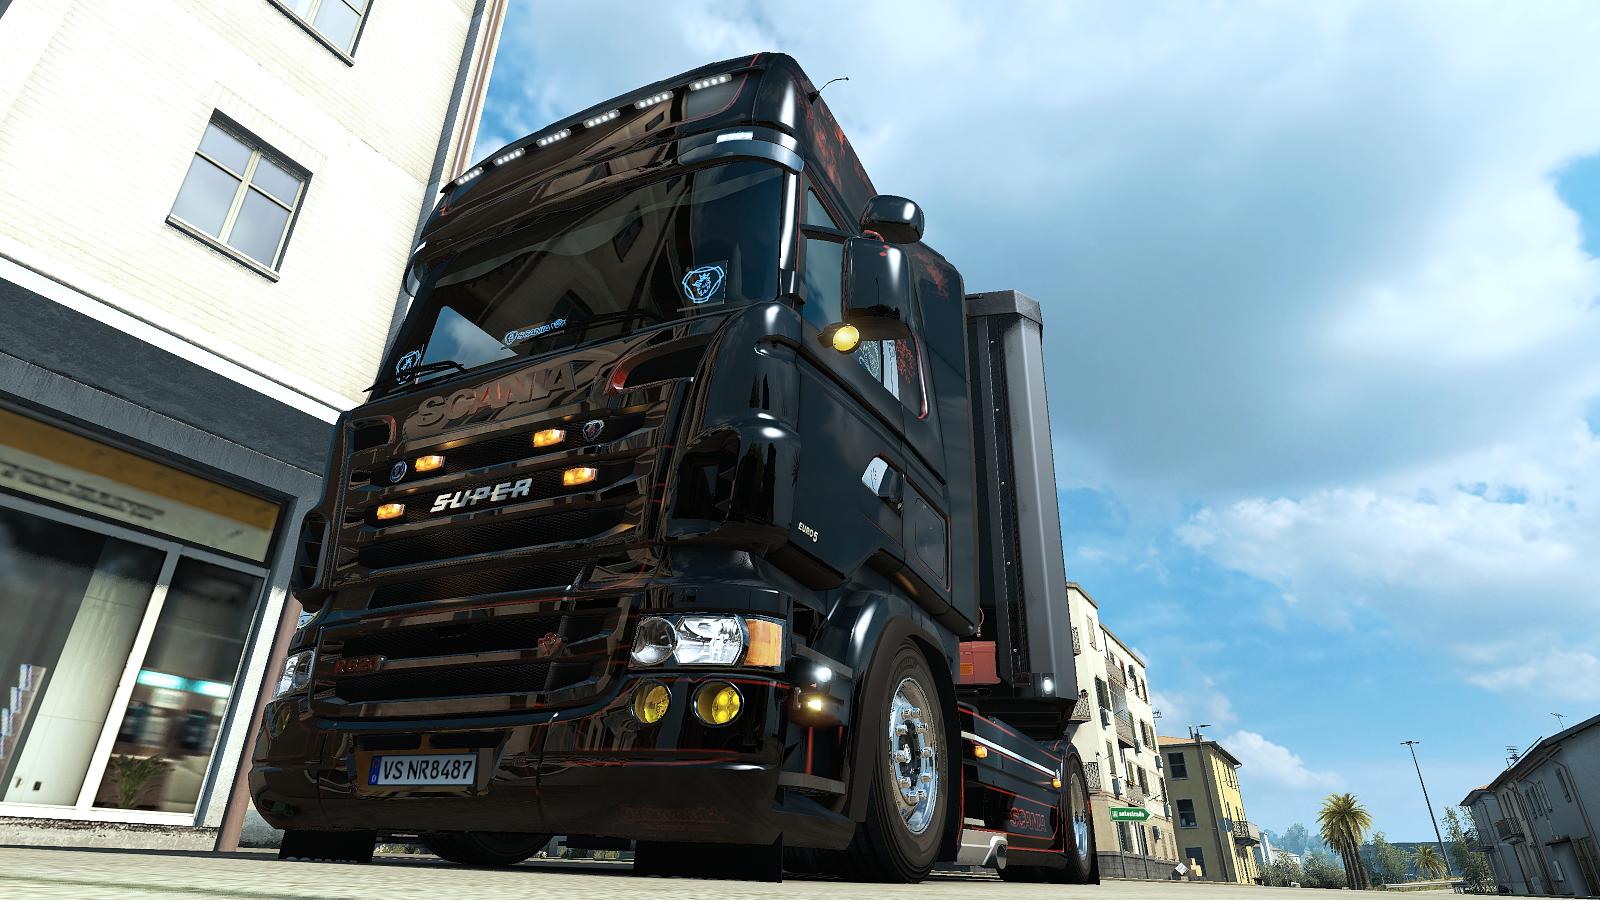 eurotrucks2 2018-06-09 15-43-43.png - Euro Truck Simulator 2